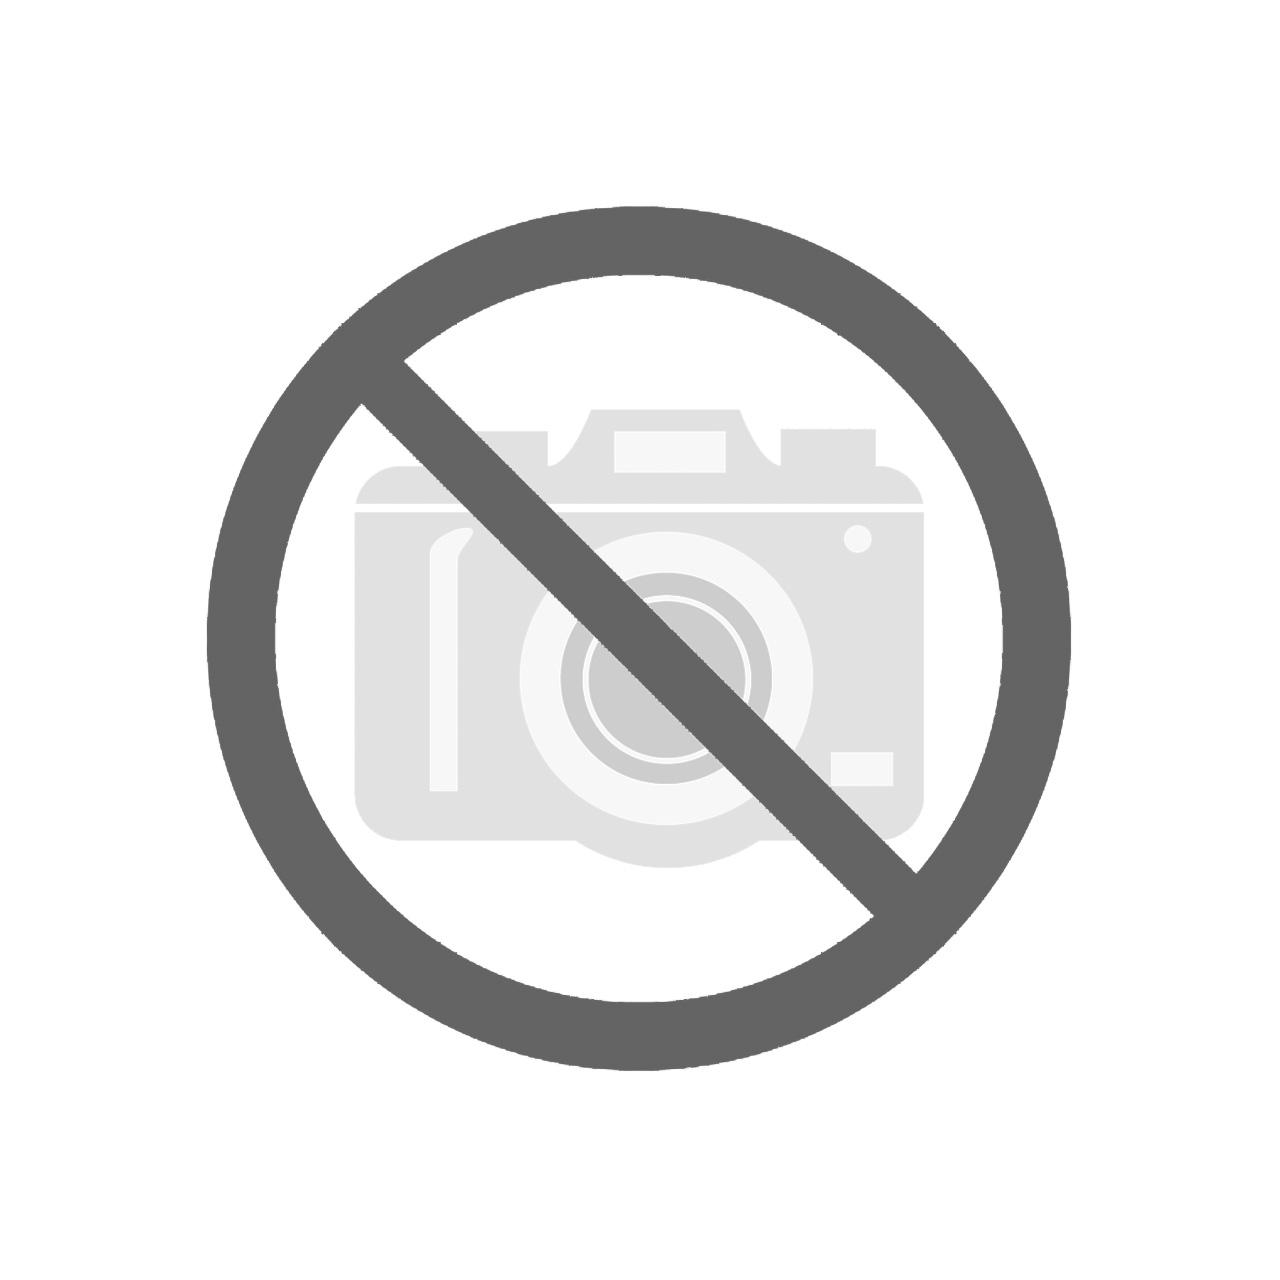 Taśma szlifierska 200 x 50000 mm - G 120 * BERNARDO